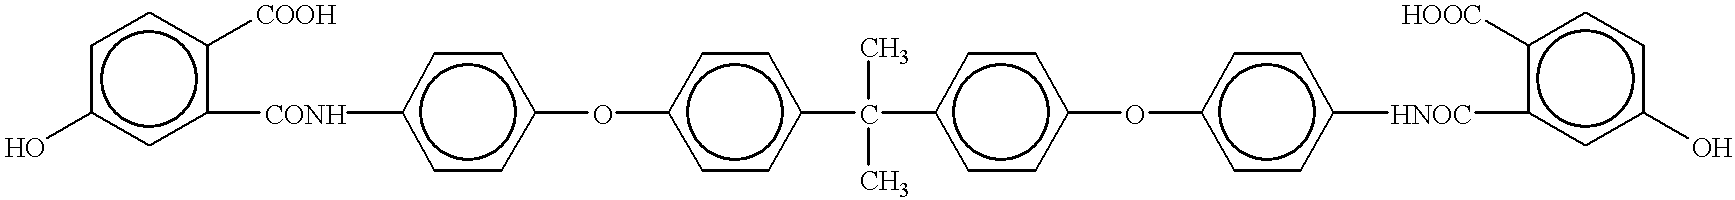 Figure US06180560-20010130-C00450